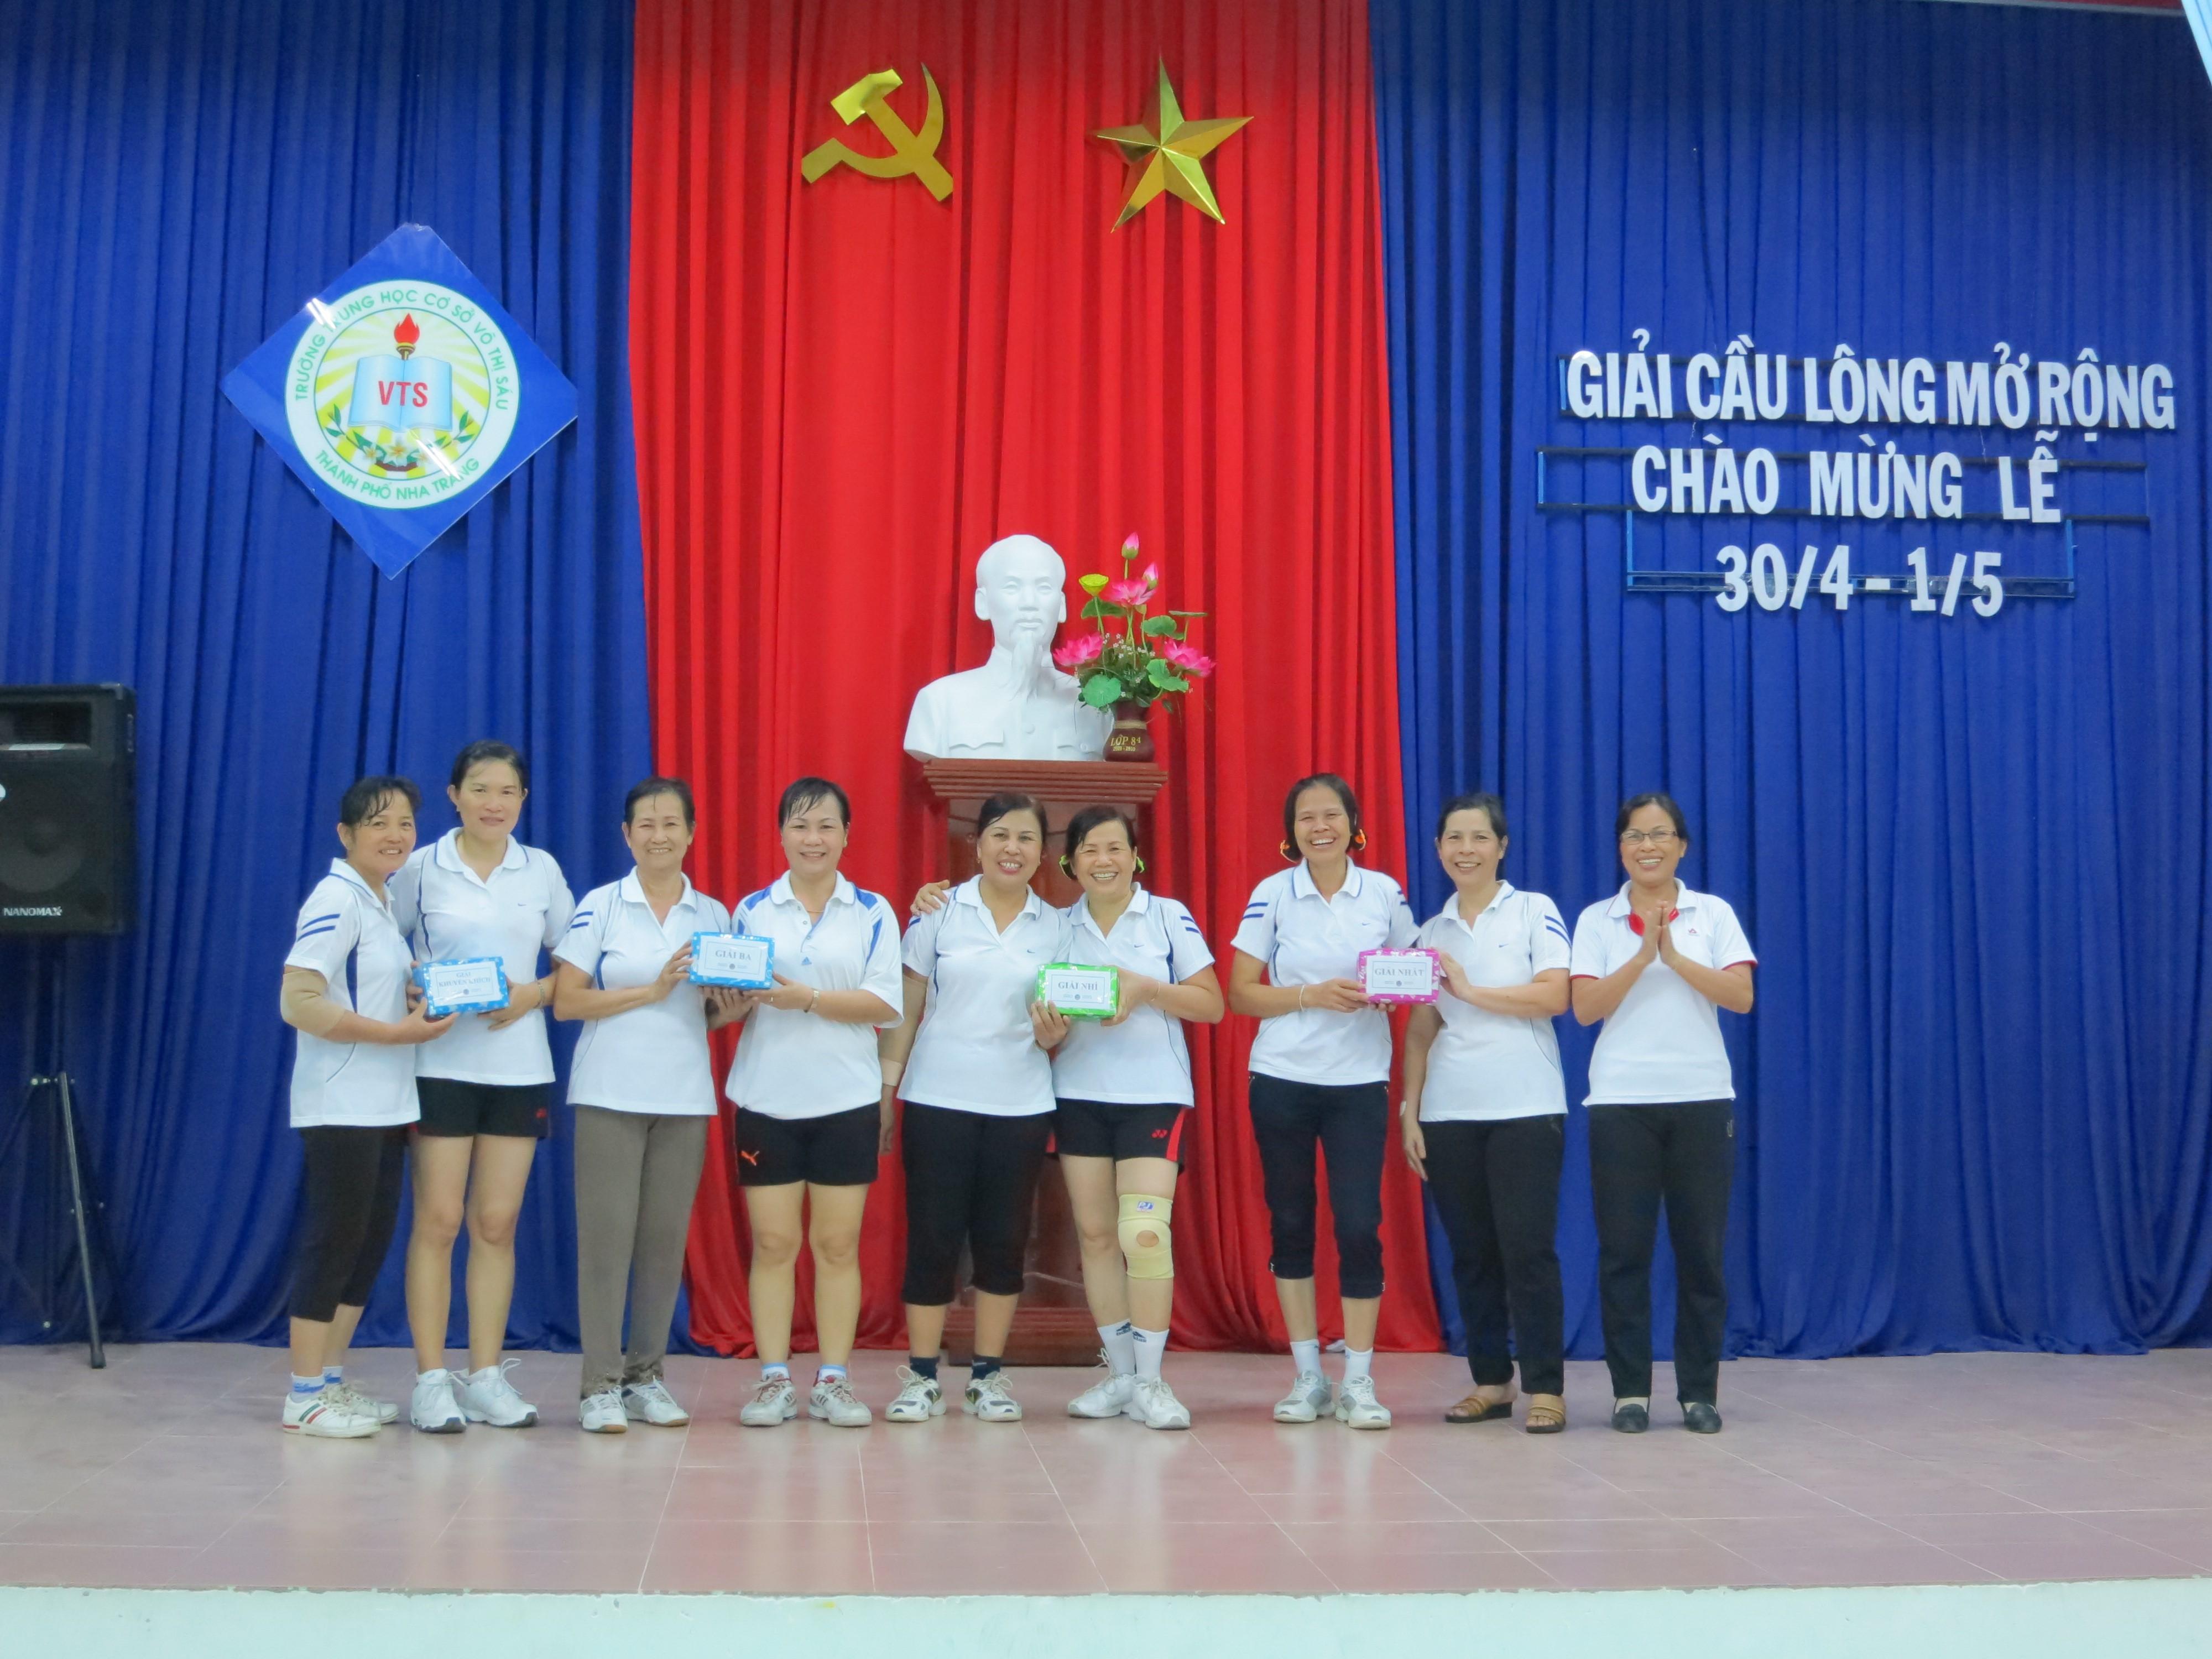 Giải cầu lông mở rộng chào mừng 30 tháng 04, 01 tháng 05, 07 tháng 05